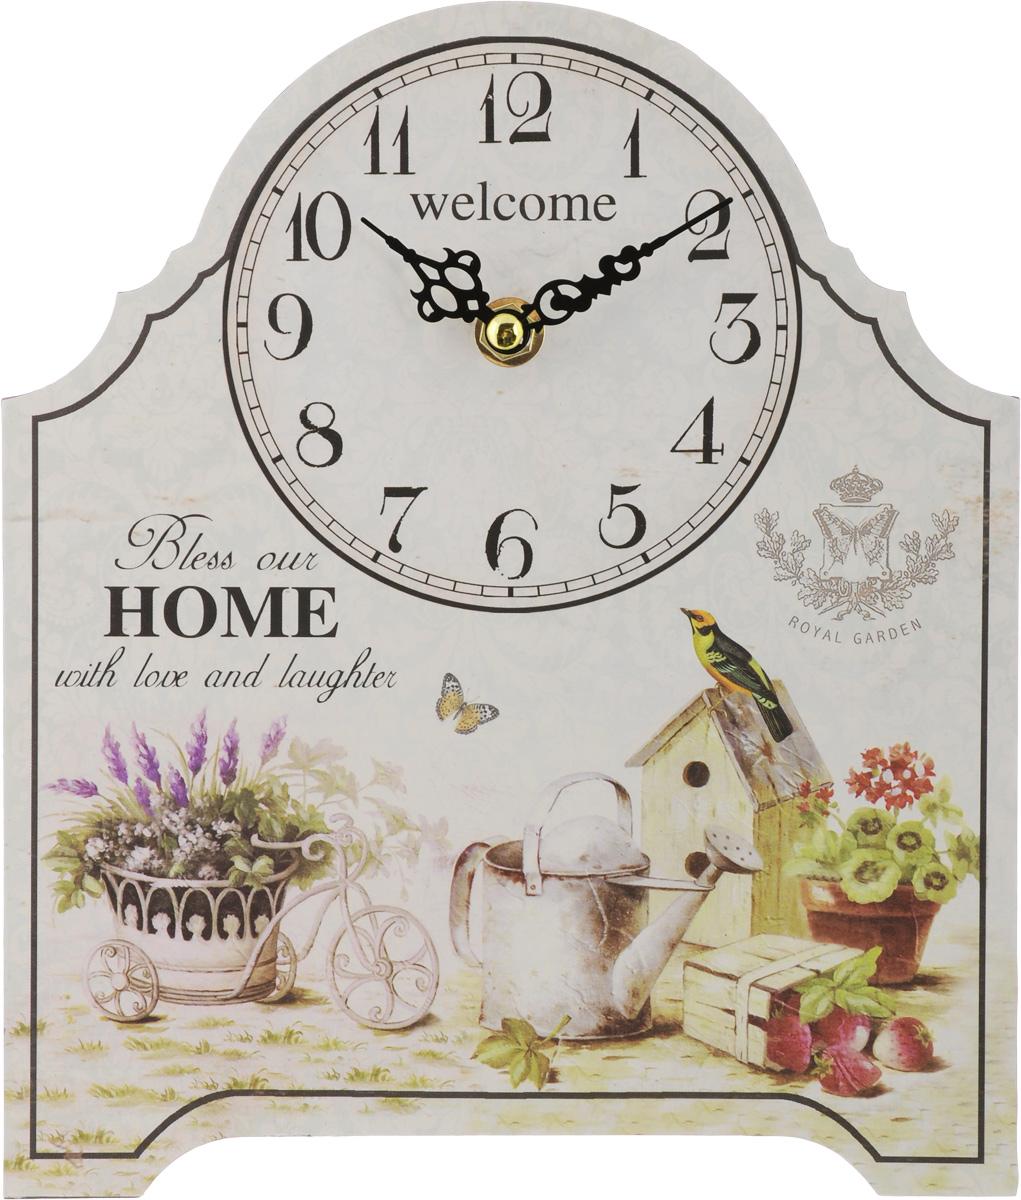 Часы настольные Феникс-Презент Королевский сад, 20 х 24 см300194_сиреневый/грушаНастольные часы Феникс-Презент Королевский сад своим эксклюзивным дизайном подчеркнут оригинальность интерьера вашего дома.Часы выполнены из МДФ. МДФ (мелкодисперсные фракции) представляет собой плиту из запрессованной вакуумным способом деревянной пыли и является наиболее экологически чистым материалом среди себе подобных. Часы имеют две стрелки - часовую и минутную.Настольные часы Феникс-Презент Королевский сад подходят для кухни, гостиной, прихожей или дачи, а также могут стать отличным подарком для друзей и близких.ВНИМАНИЕ!!! Часы работают от сменной батареи типа АА 1,5V (в комплект не входит).